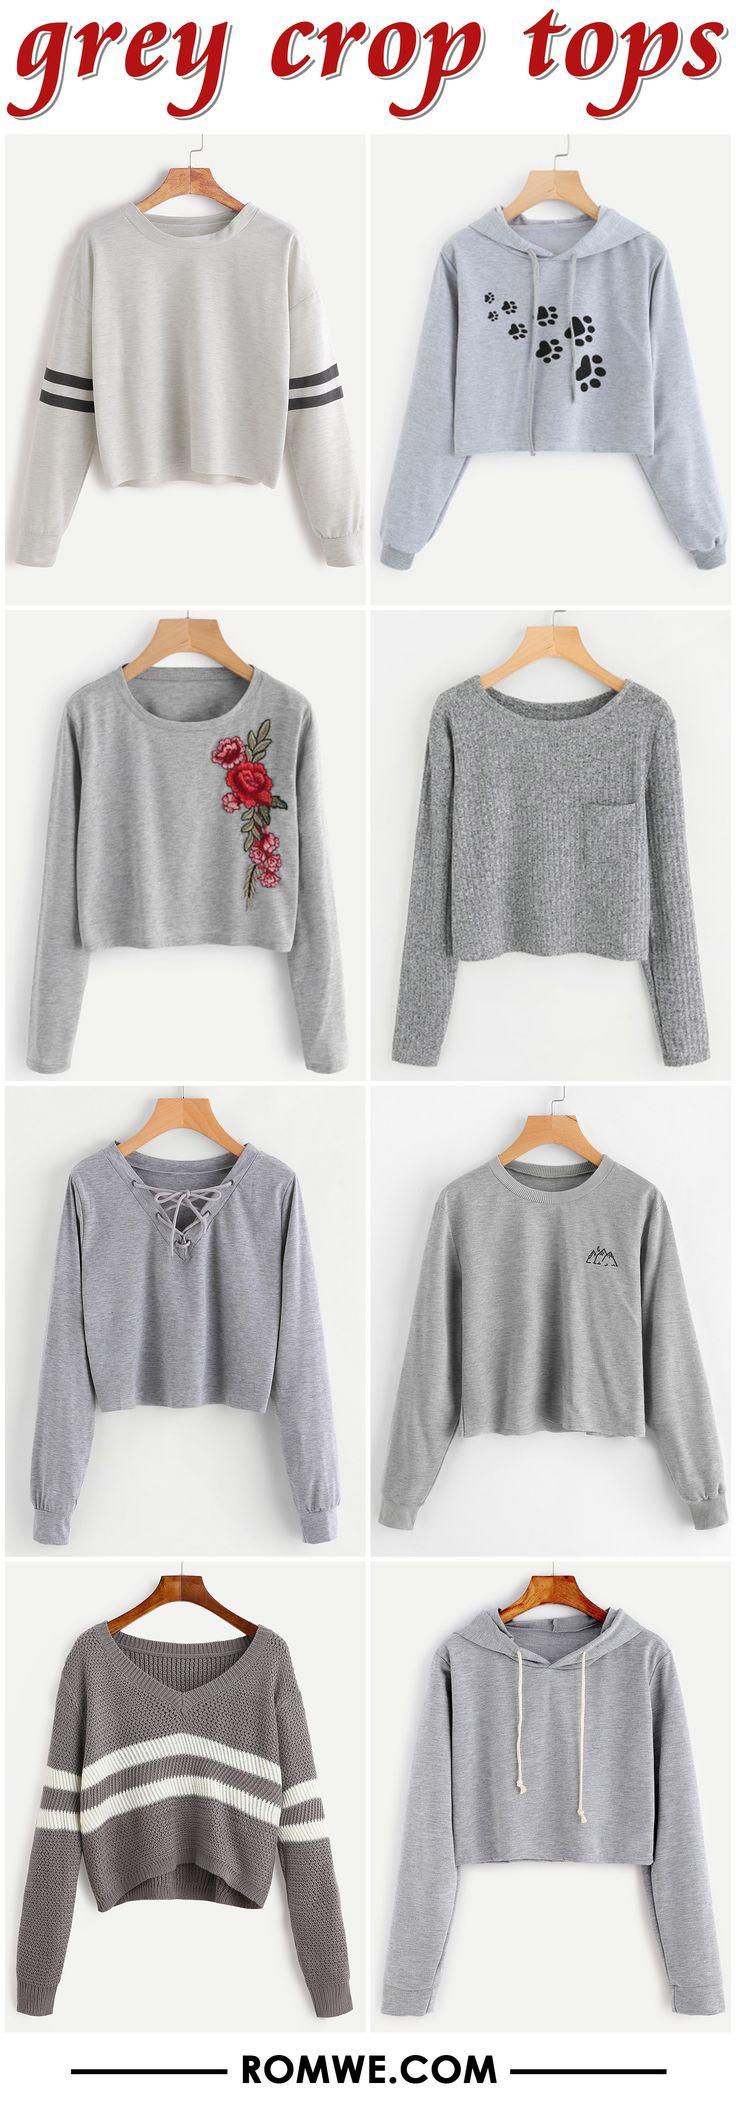 grey crop tops - romwe.com